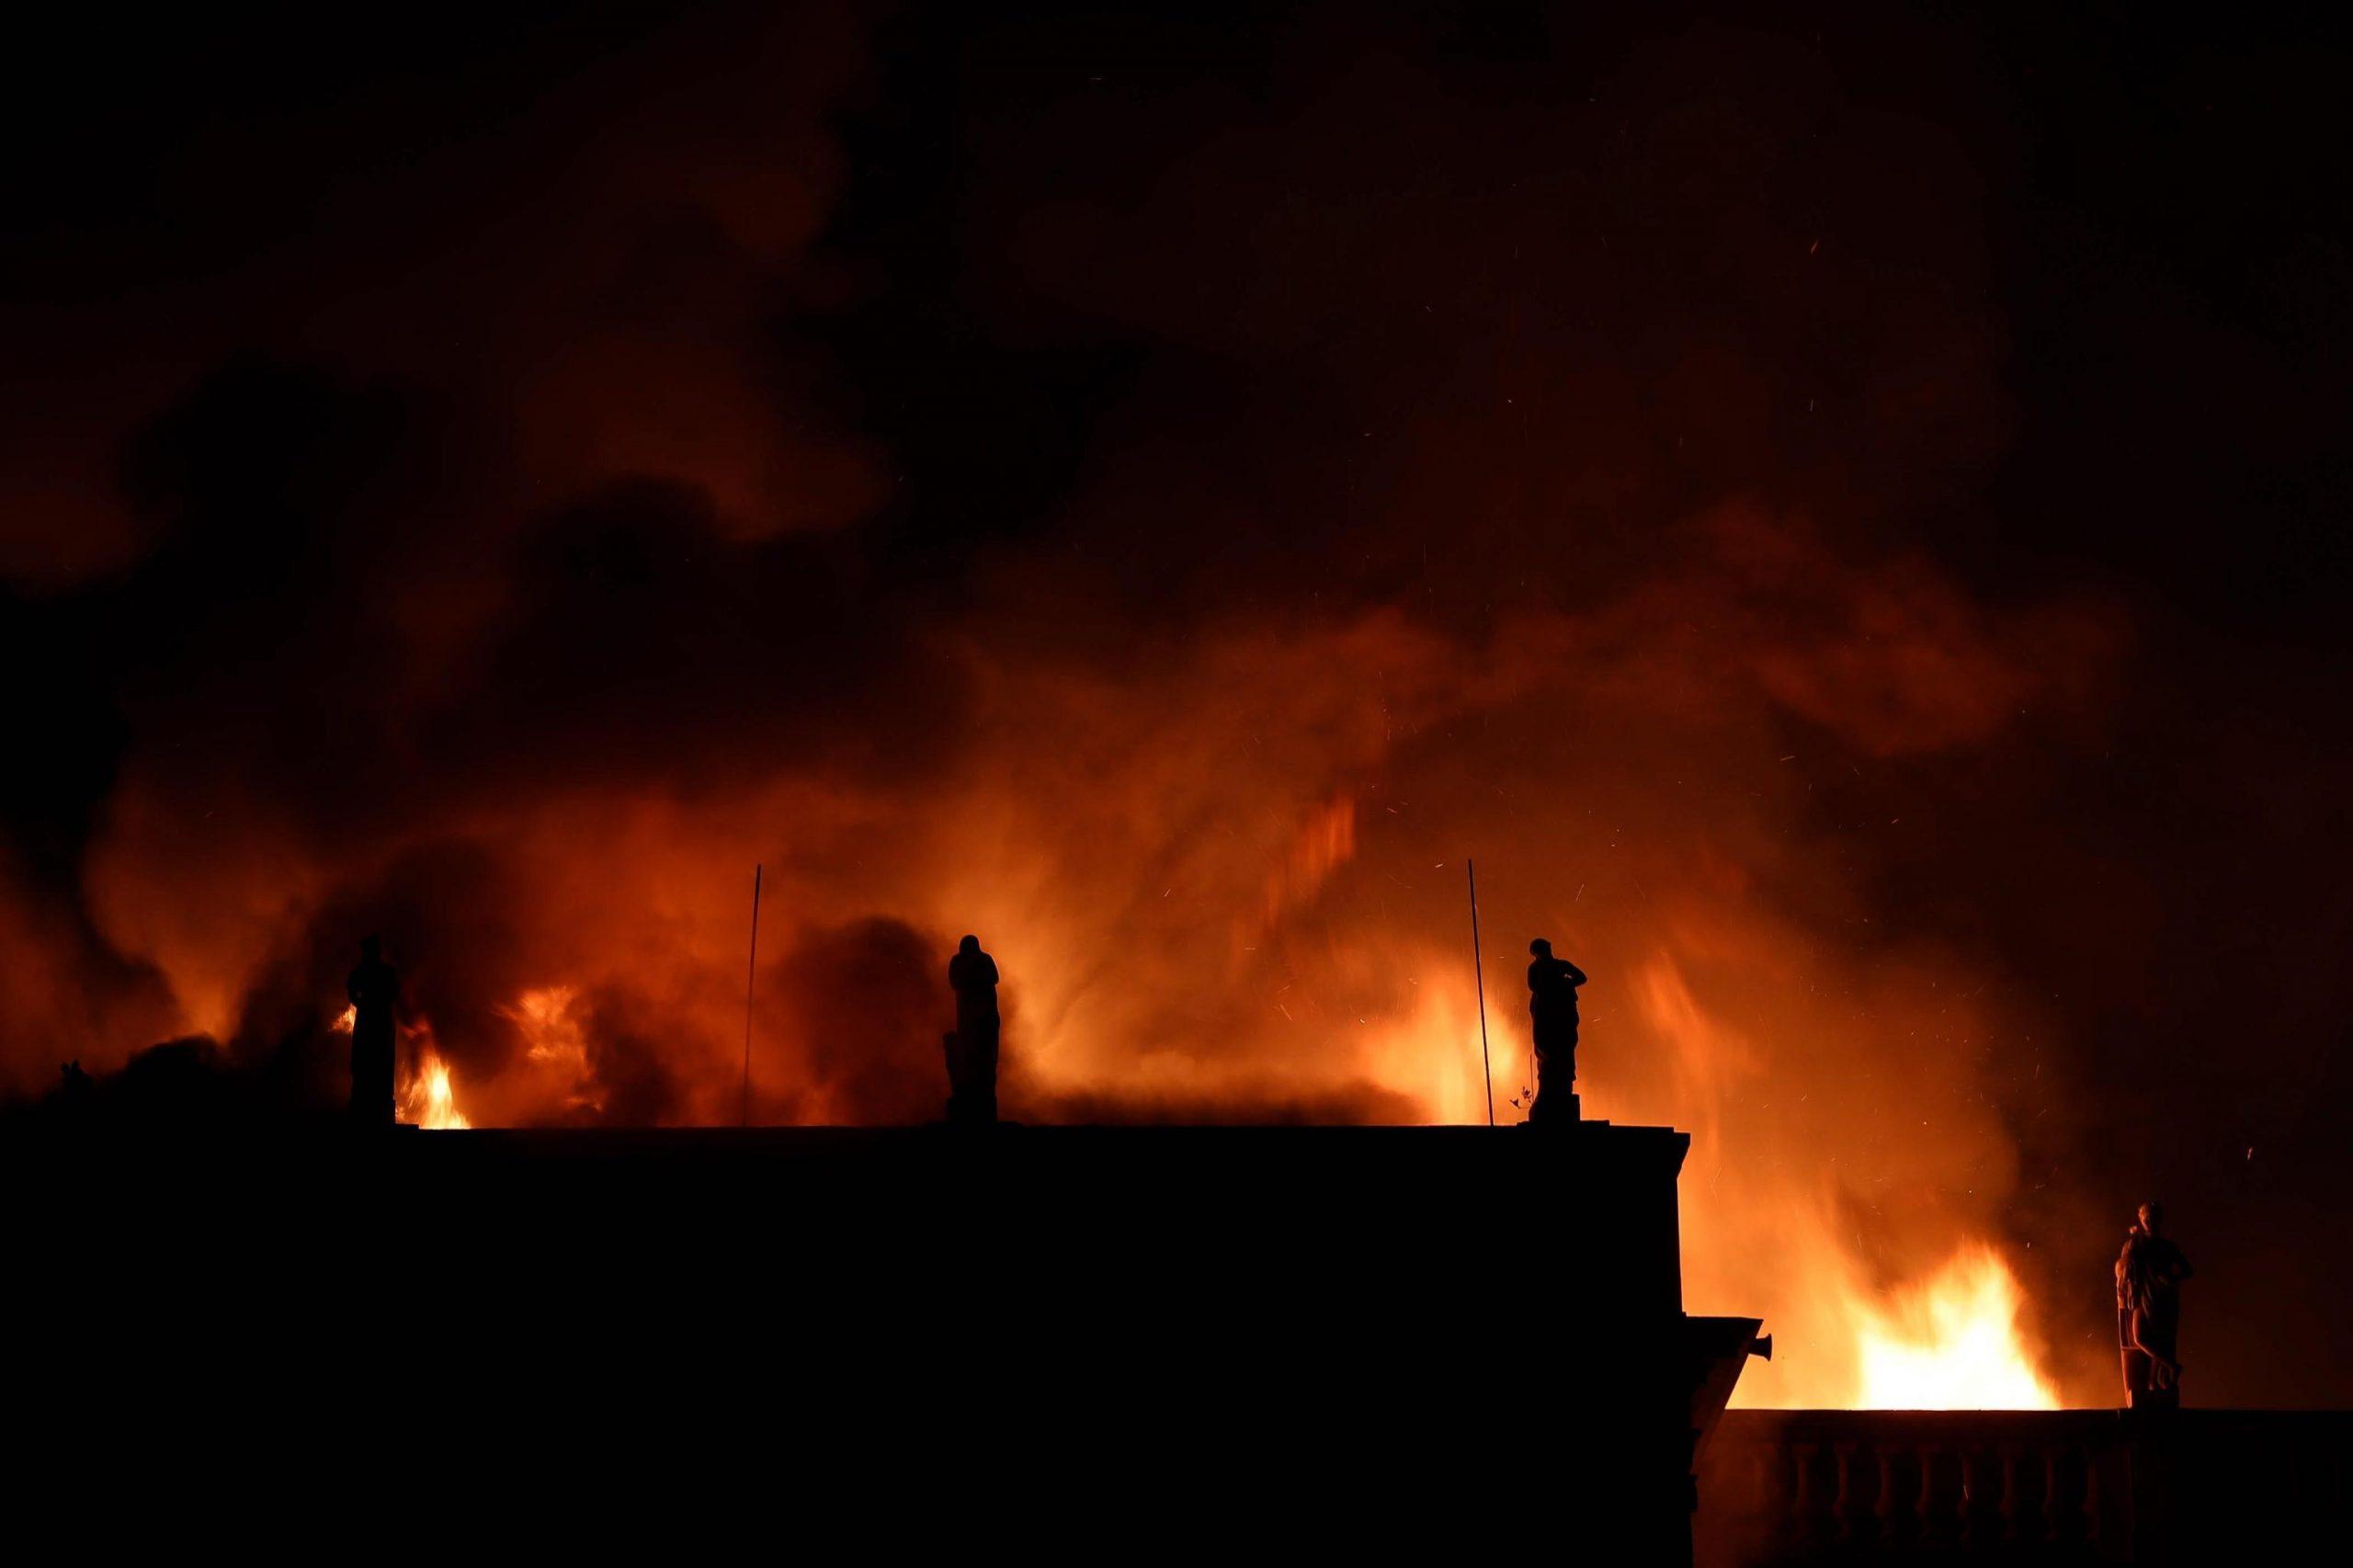 Incendio a Rio: distrutto uno dei più importanti musei del Brasile